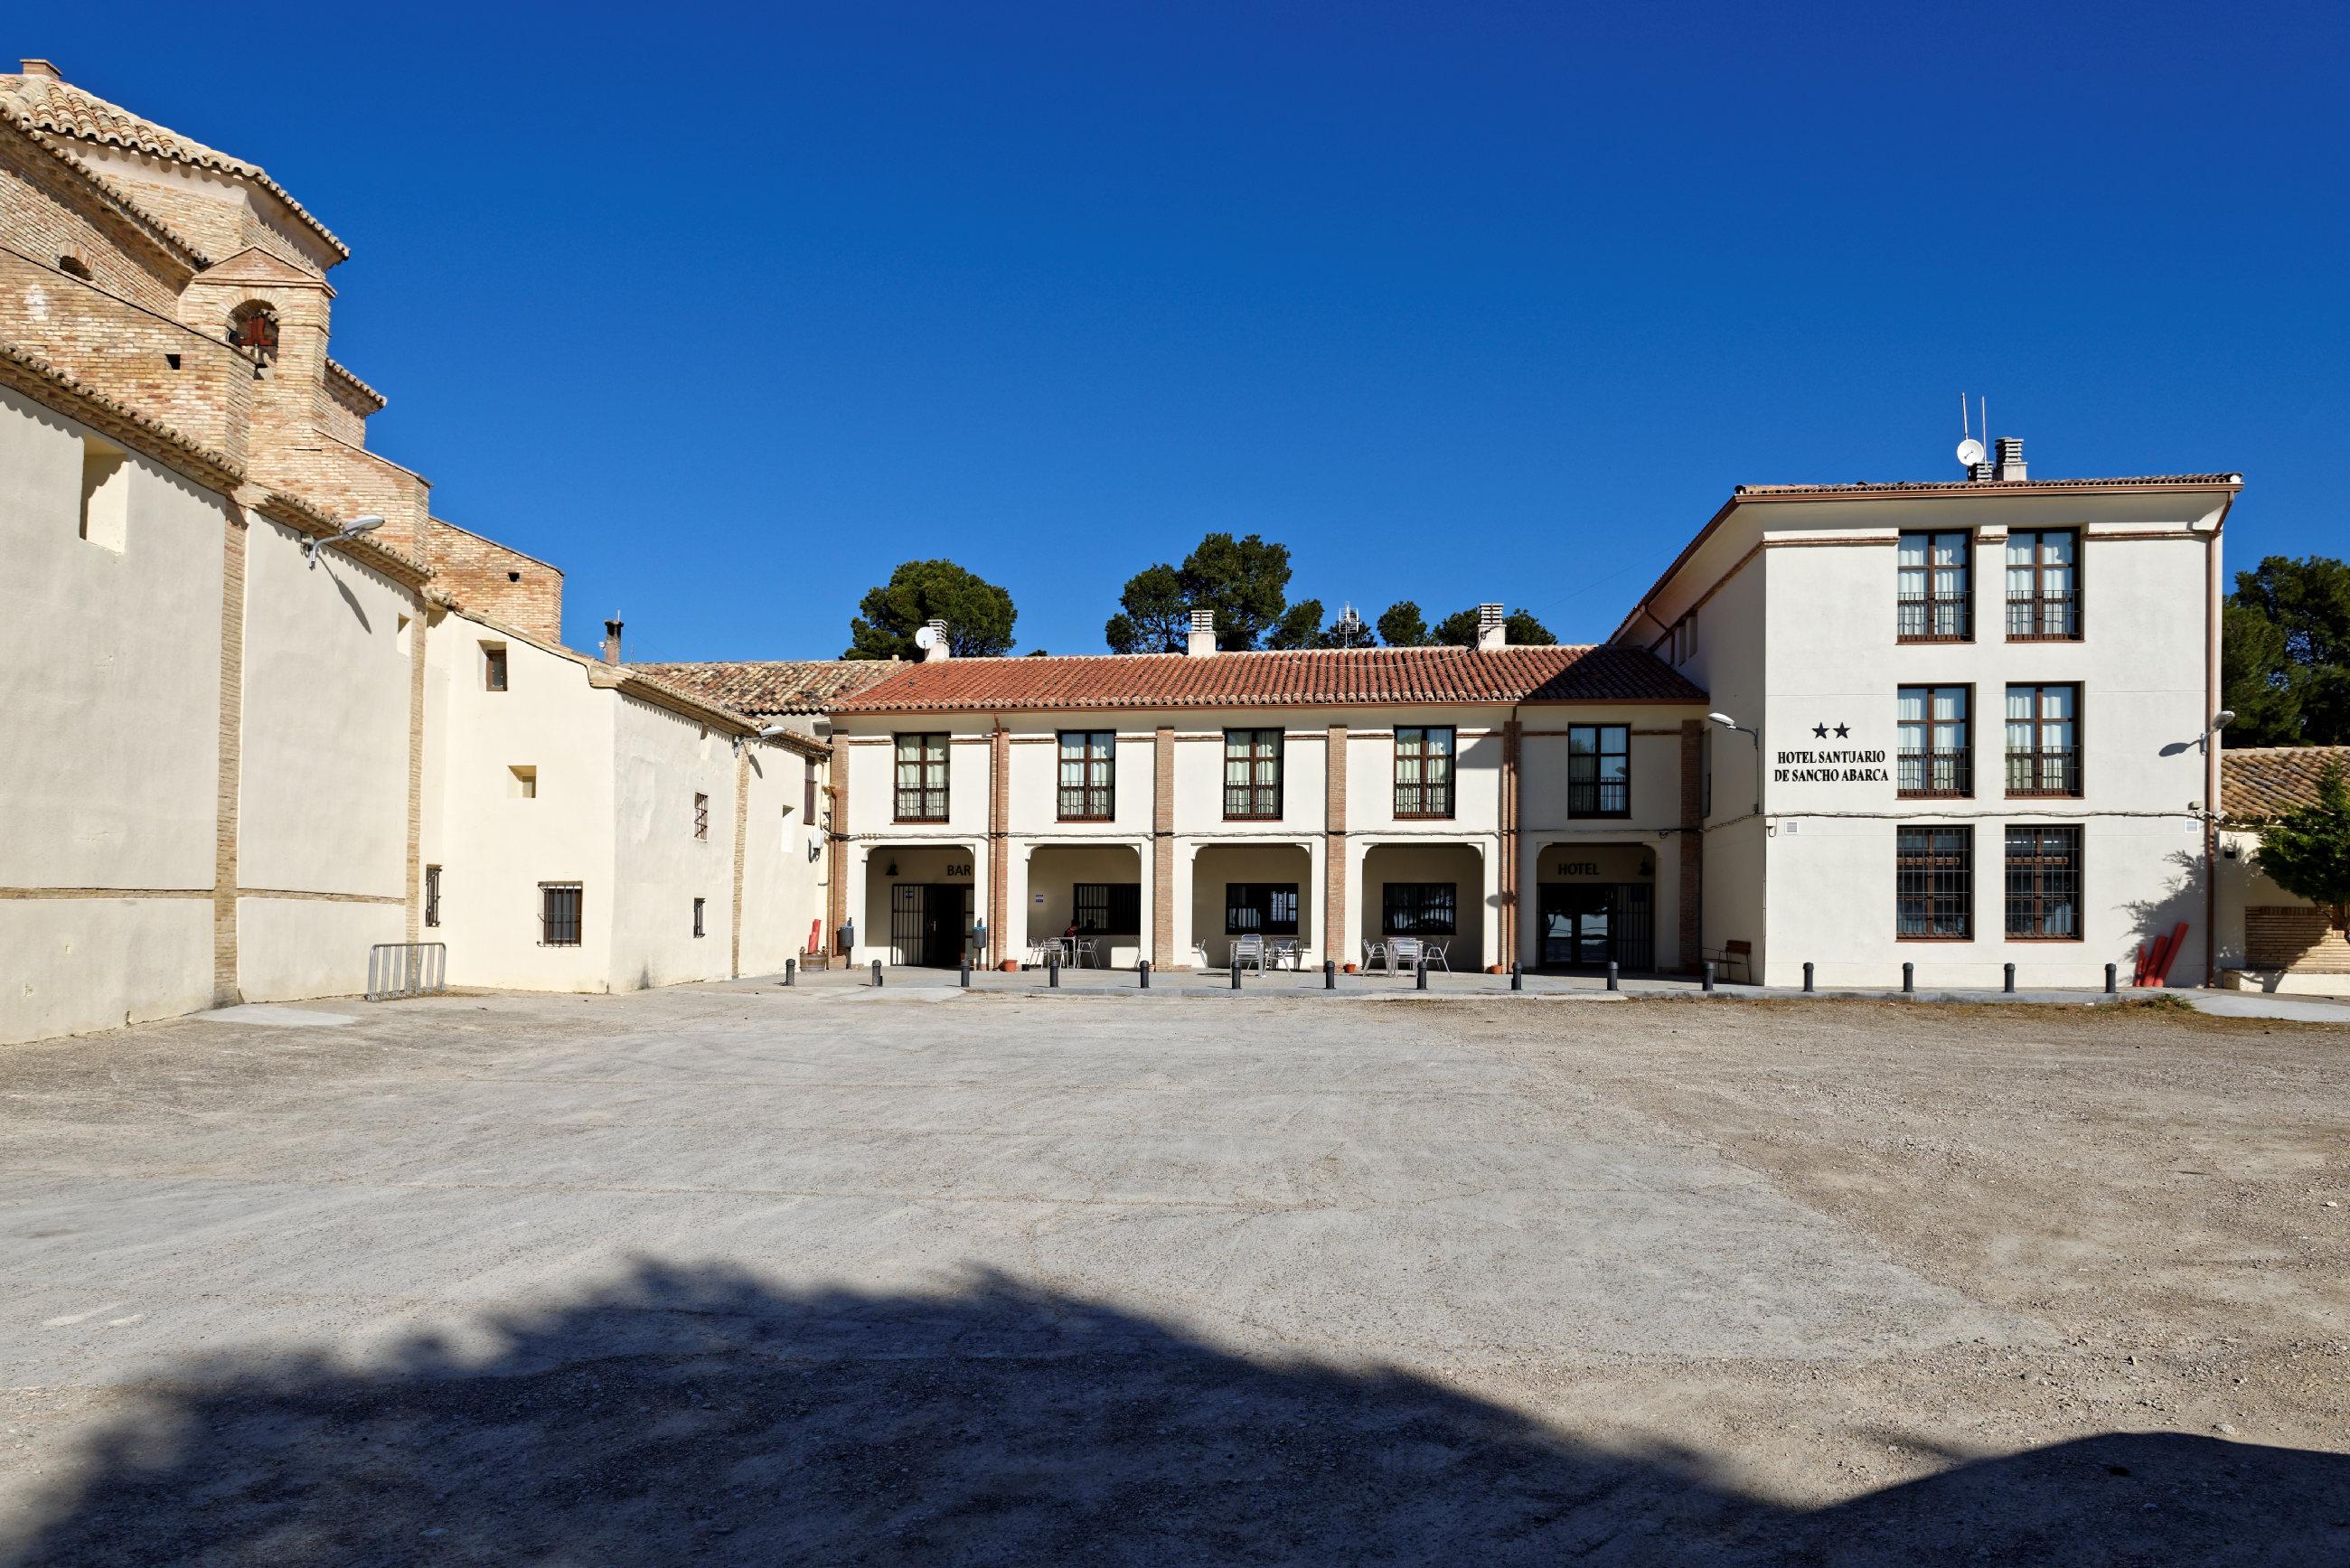 150311-Sanctuaire Sancho Abarca (Aragon) (18)